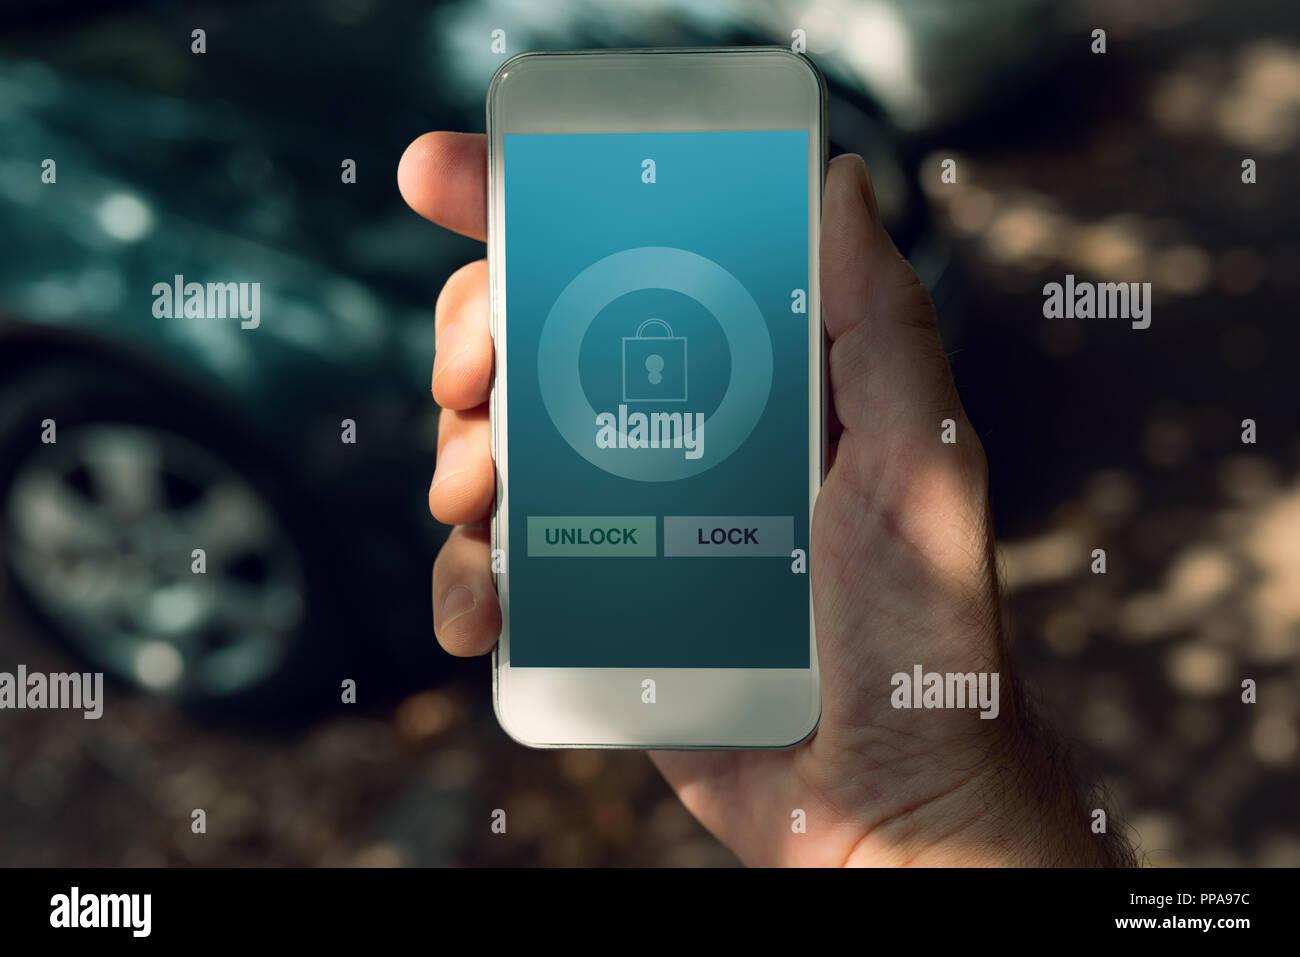 Unlock Car With Phone >> Car Lock And Unlock Smart Phone App Mock Up Screen Stock Photo